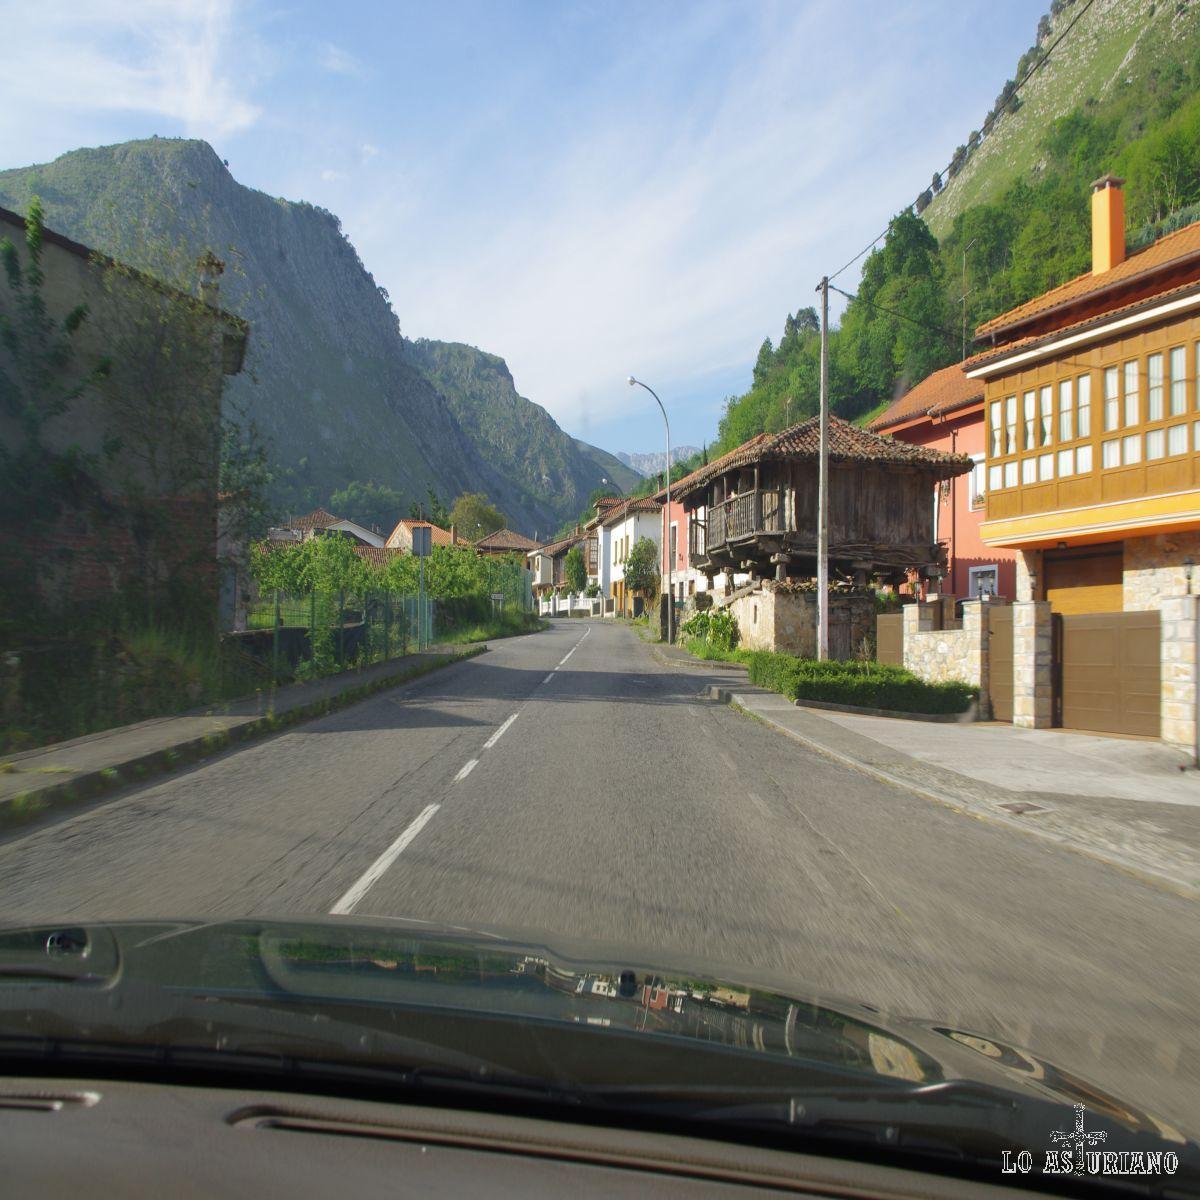 Carretera de Cangas de Onís a Panes.